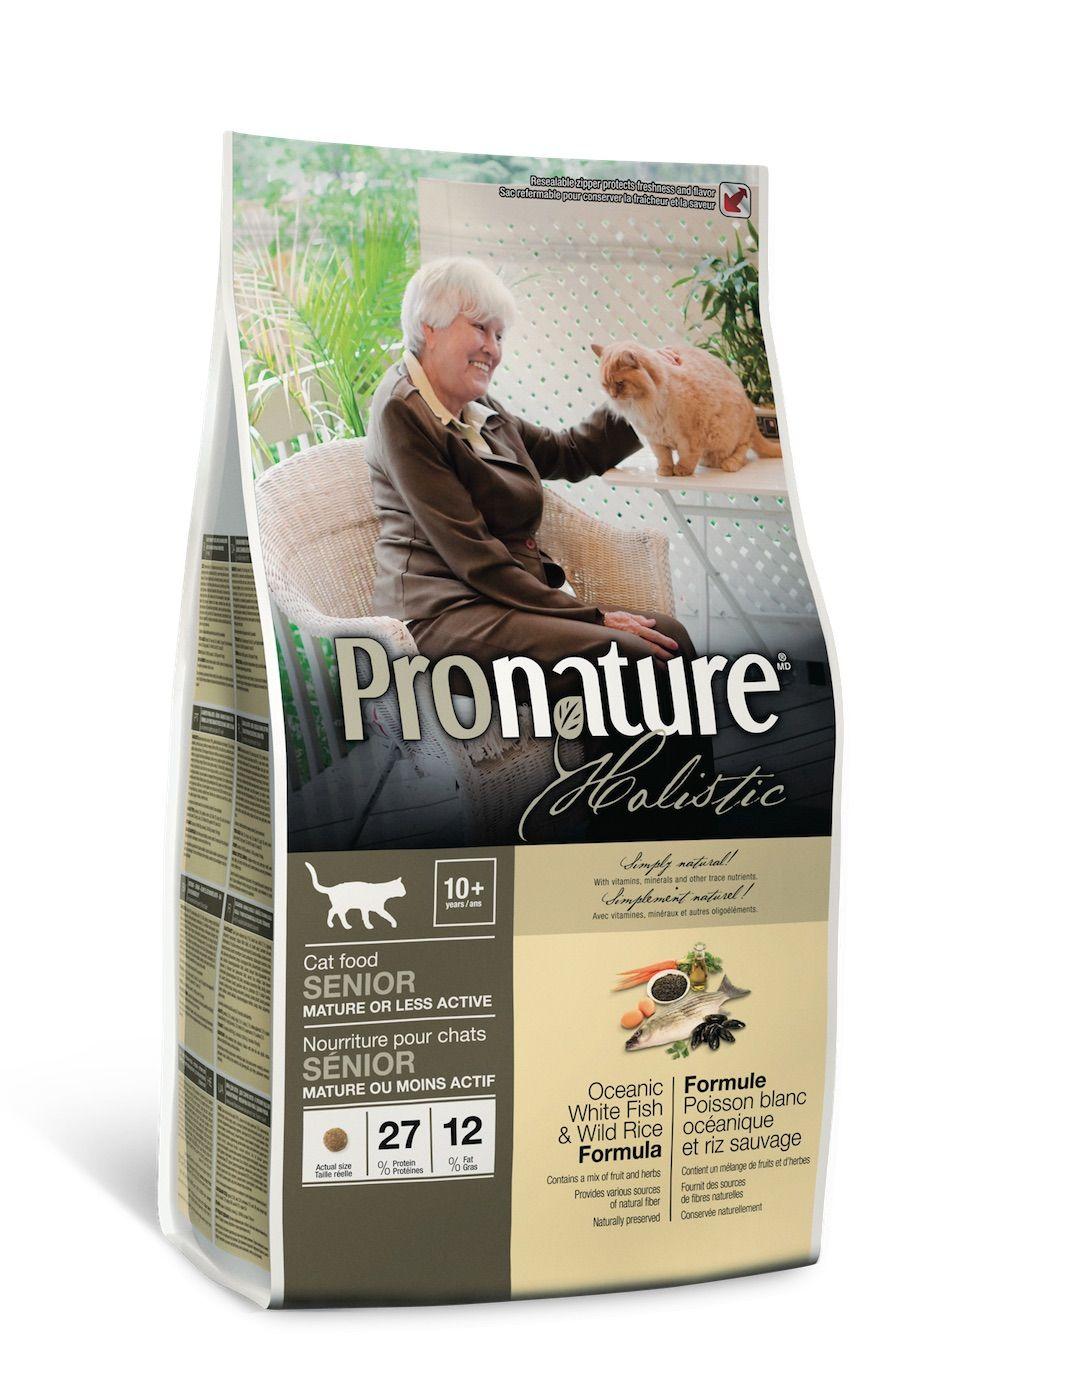 Сухой корм Pronature Holistic с белой рыбой для пожилых или малоактивных кошек